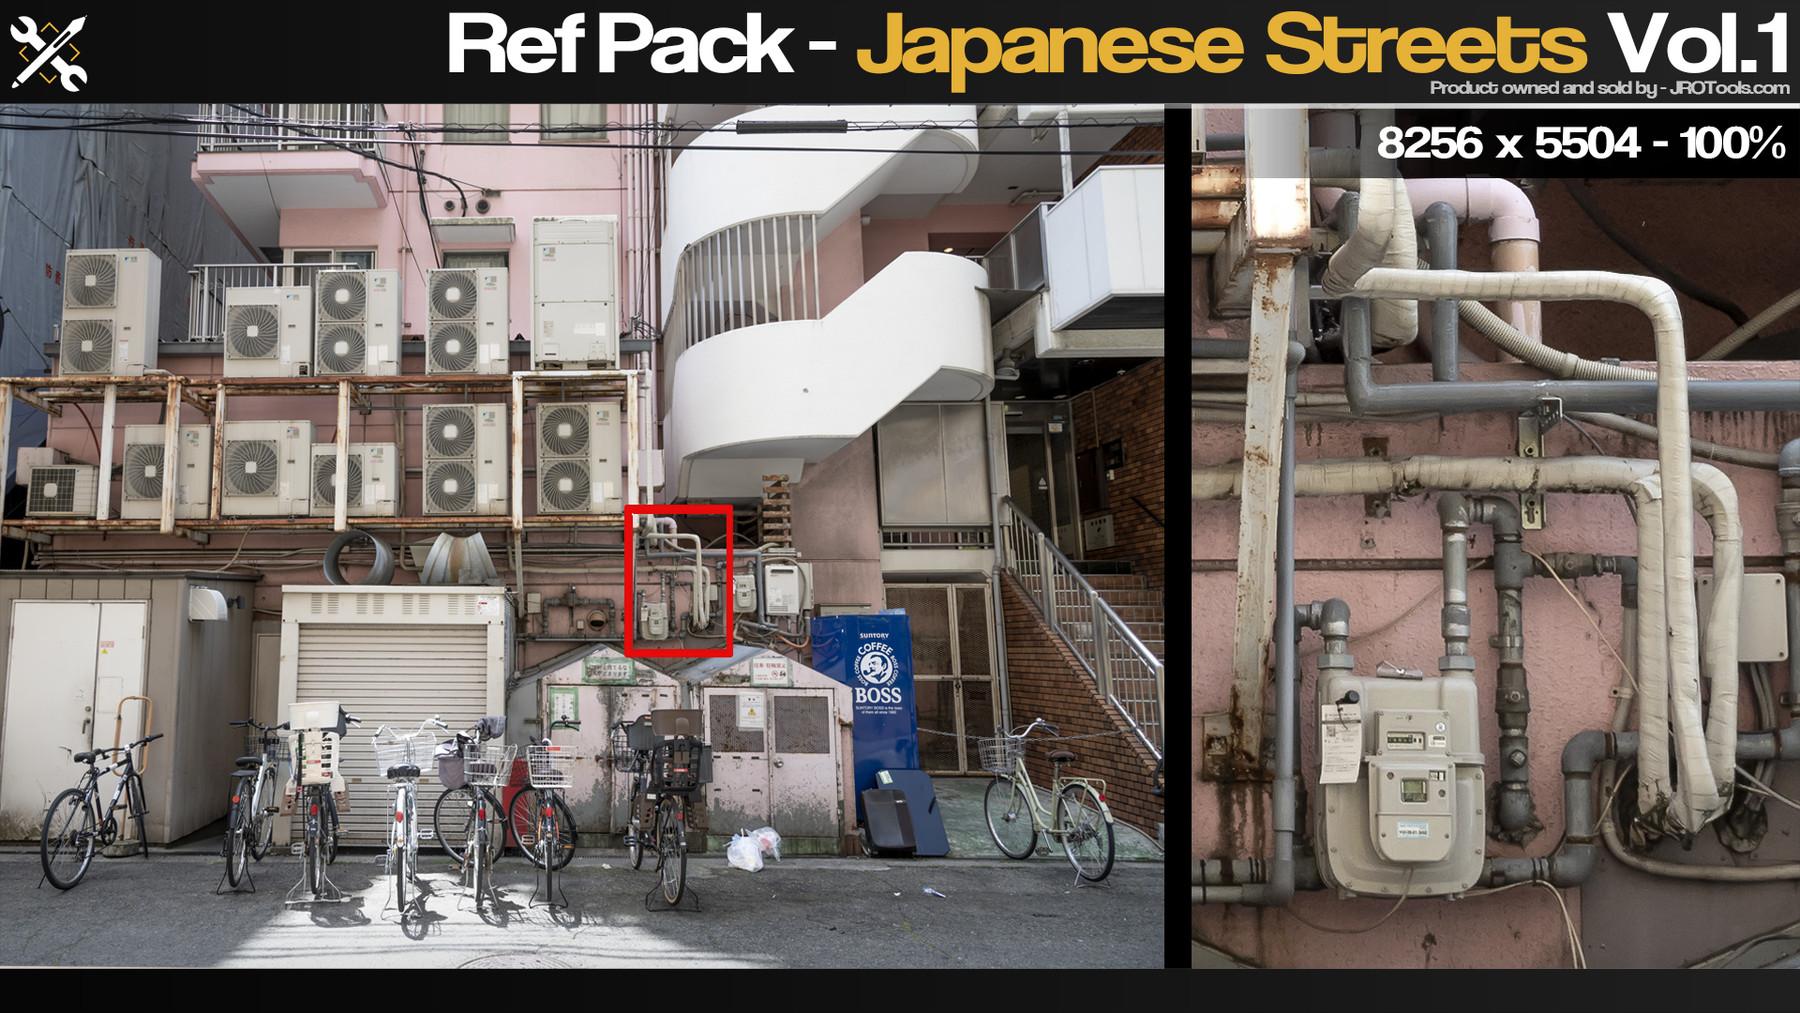 تصاویر رفرنس از خیابان های ژاپن